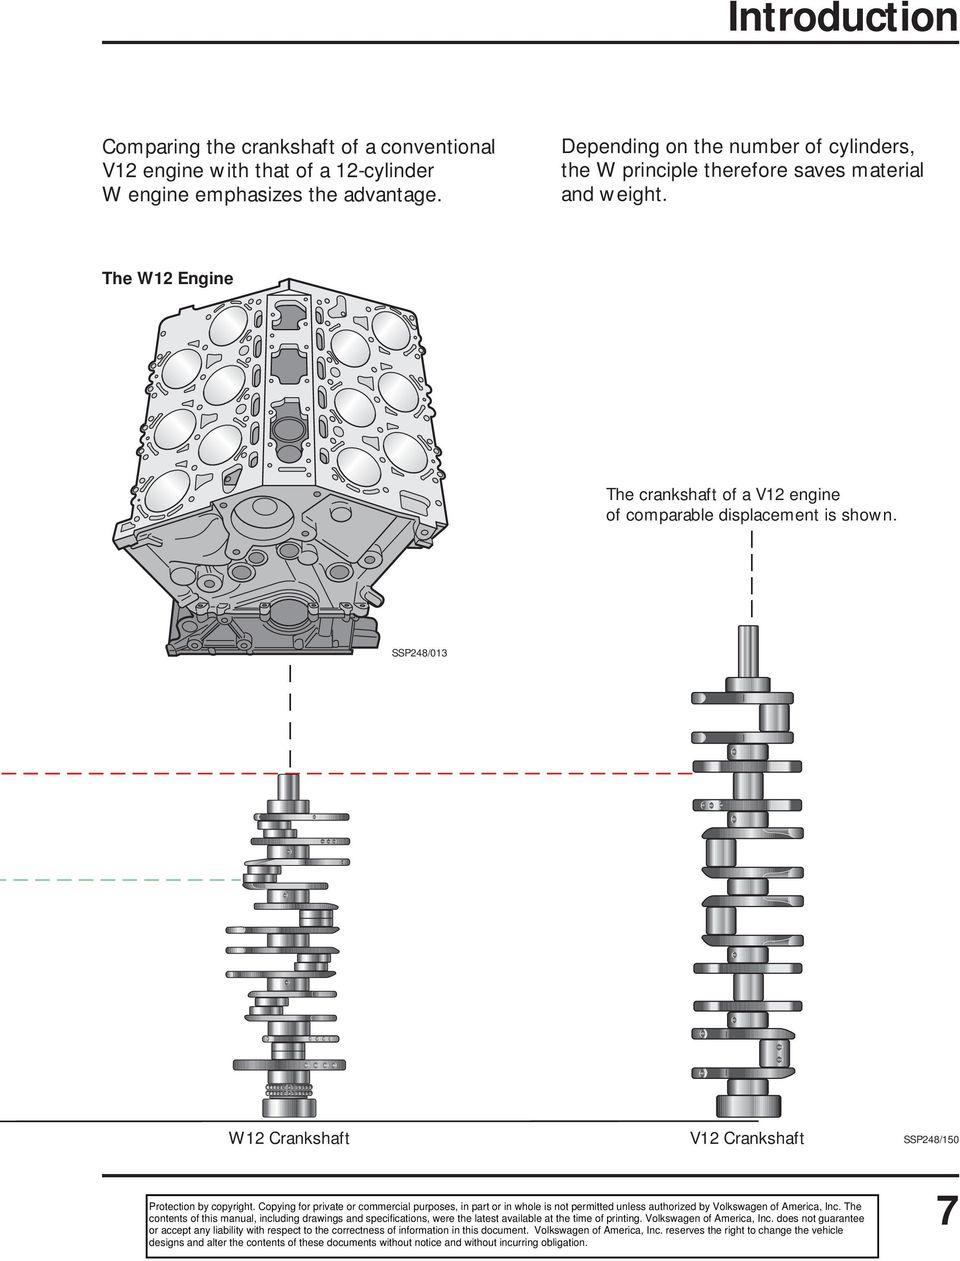 w12 engine diagram tm 7226  w12 engine diagram free diagram  tm 7226  w12 engine diagram free diagram